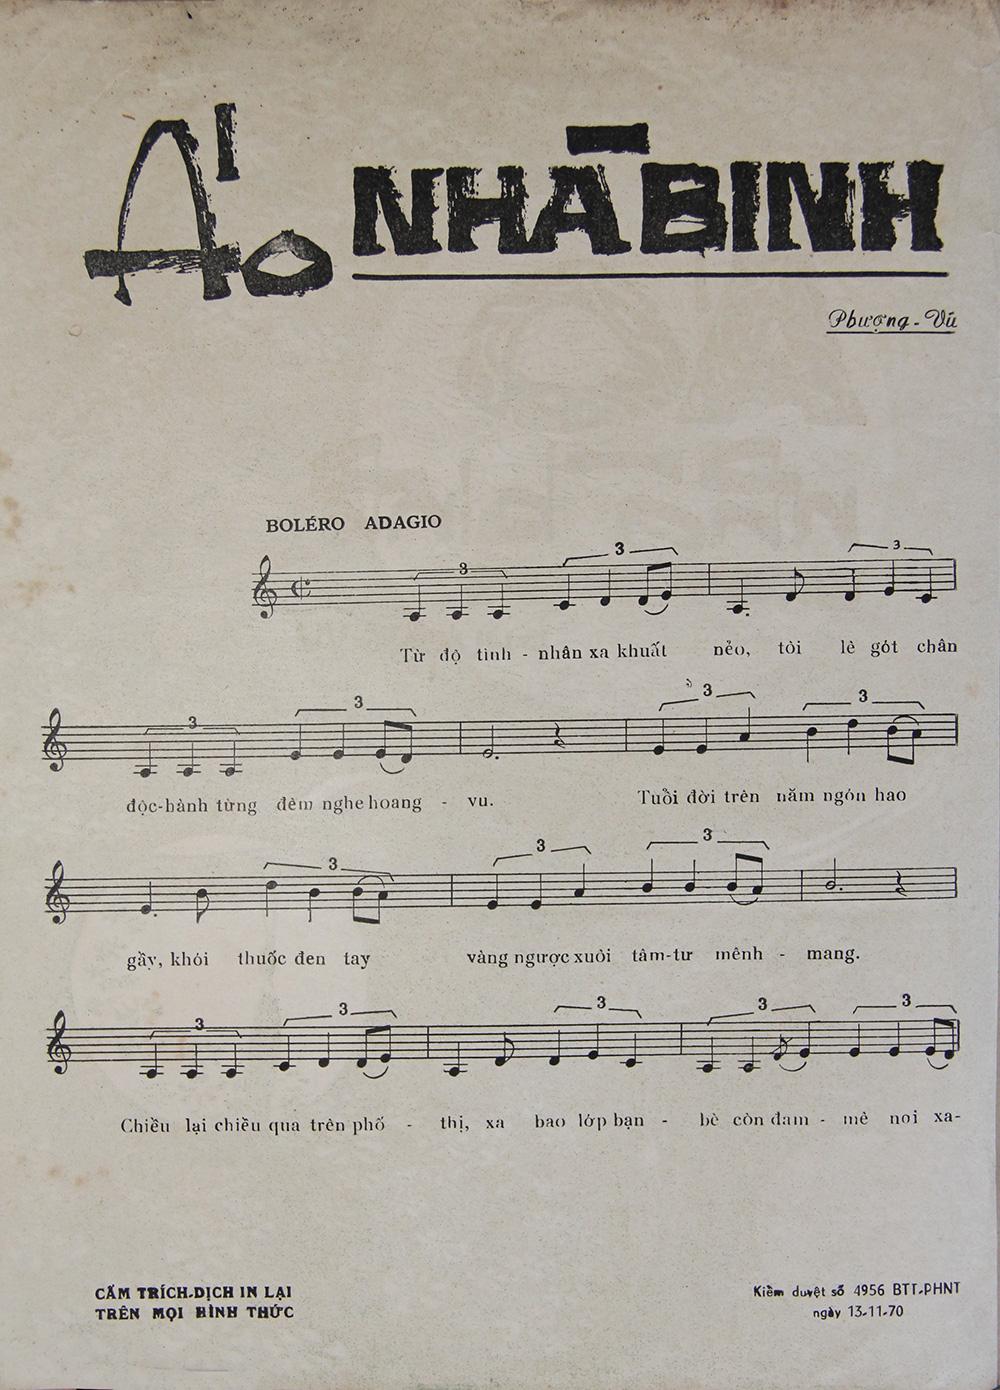 Sheet nhạc bài hát áo nhà binh 2